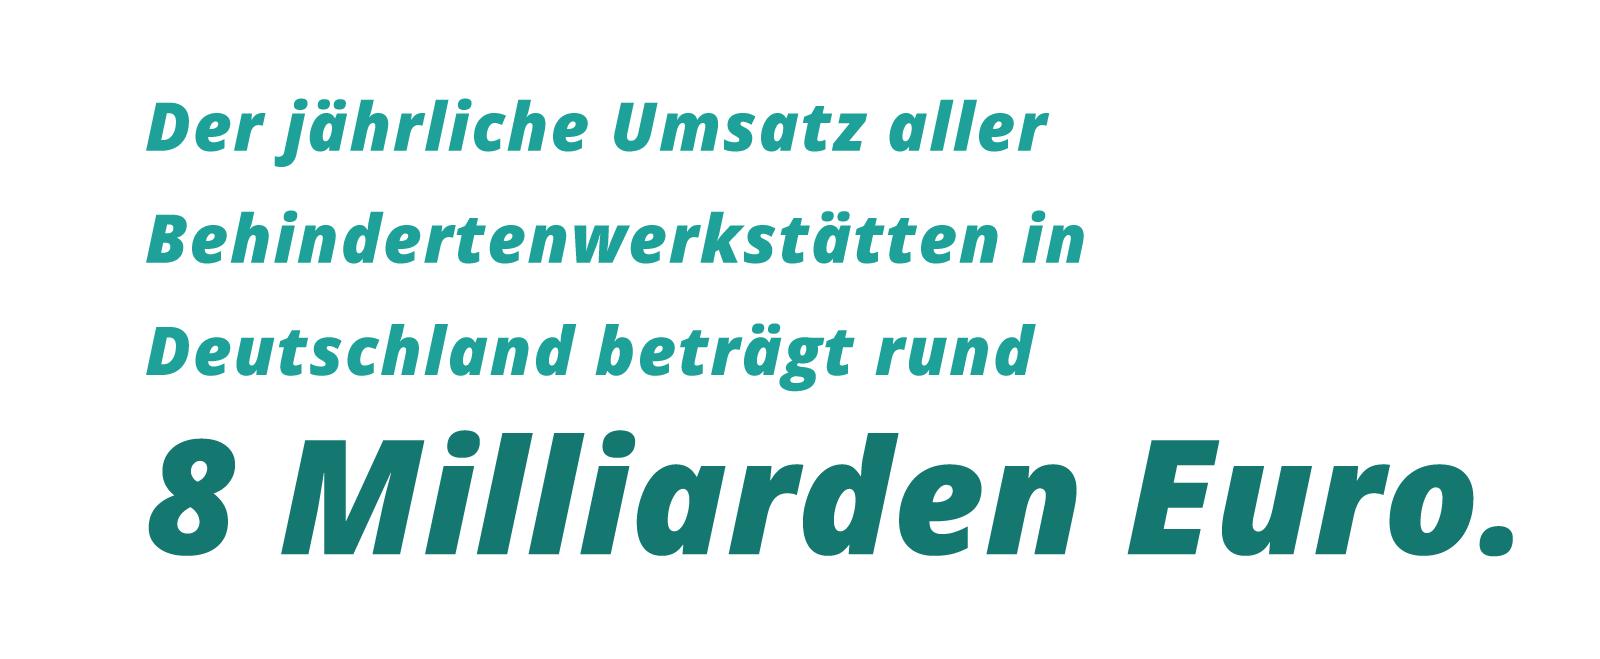 Grafik: Der jährliche Umsatz aller Behindertenwerkstätten in Deutschland beträgt rund 8 Milliarden Euro.